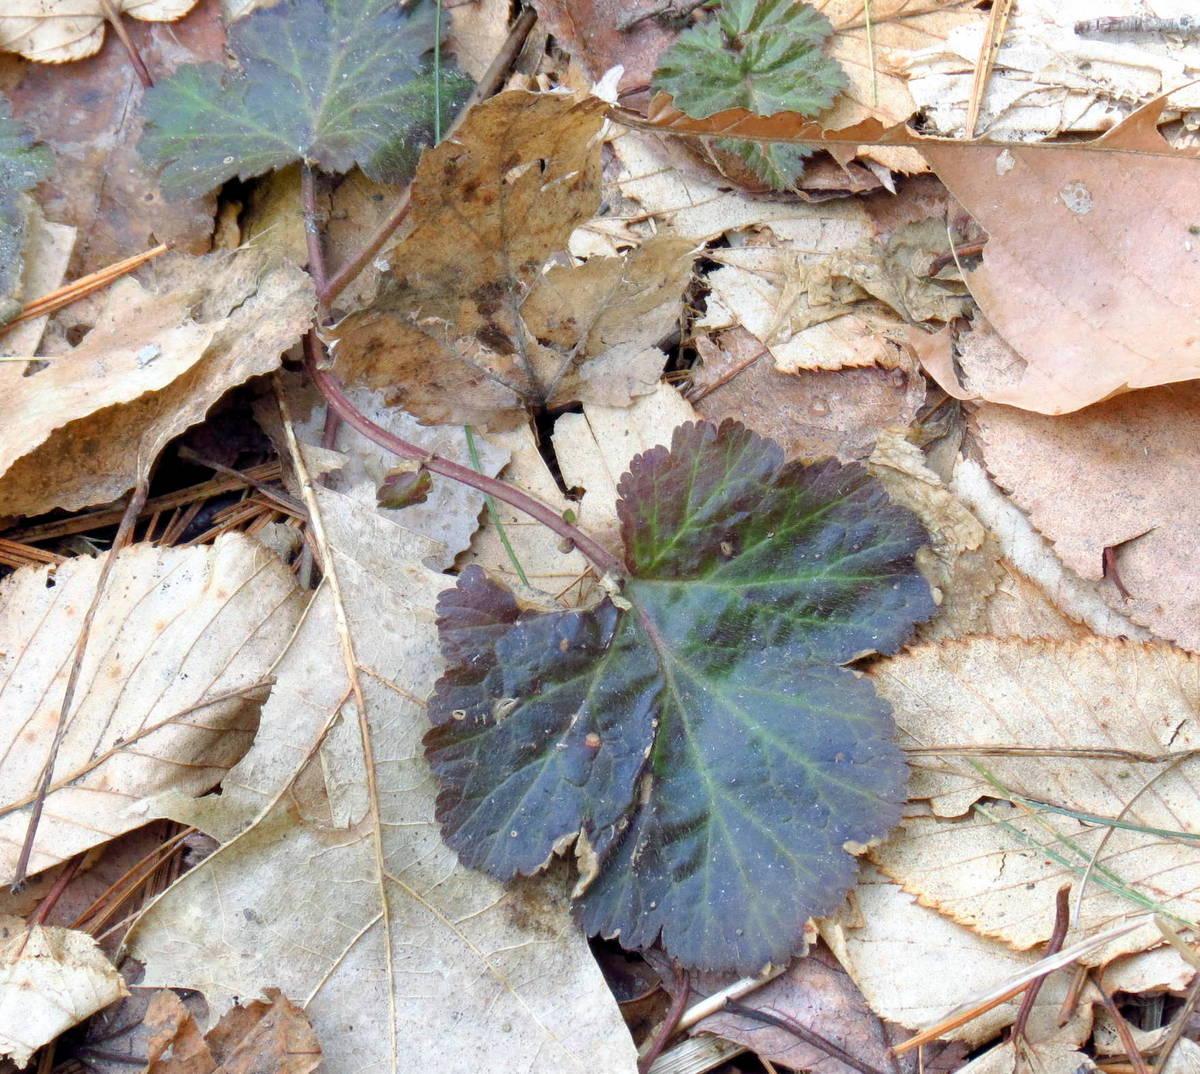 20. Unknown Leaf